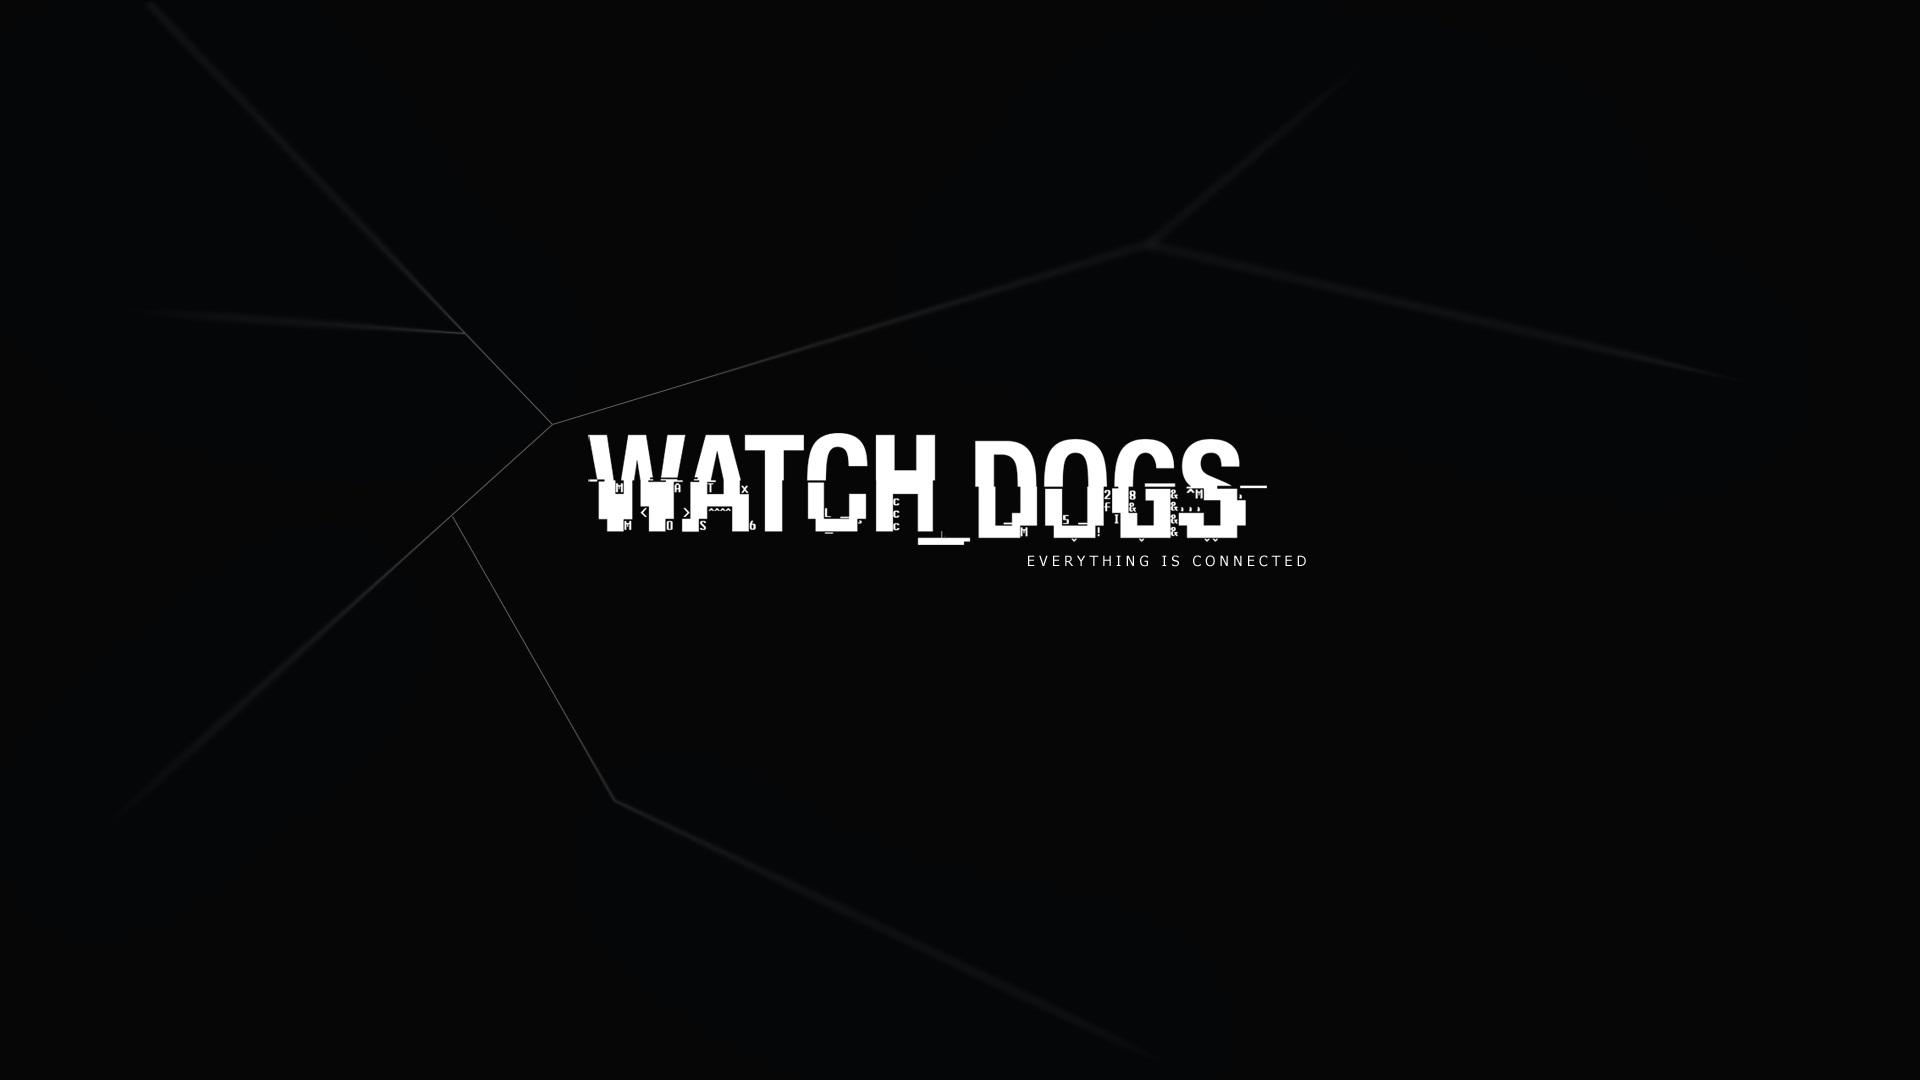 Watch Dogs wallpaper 15